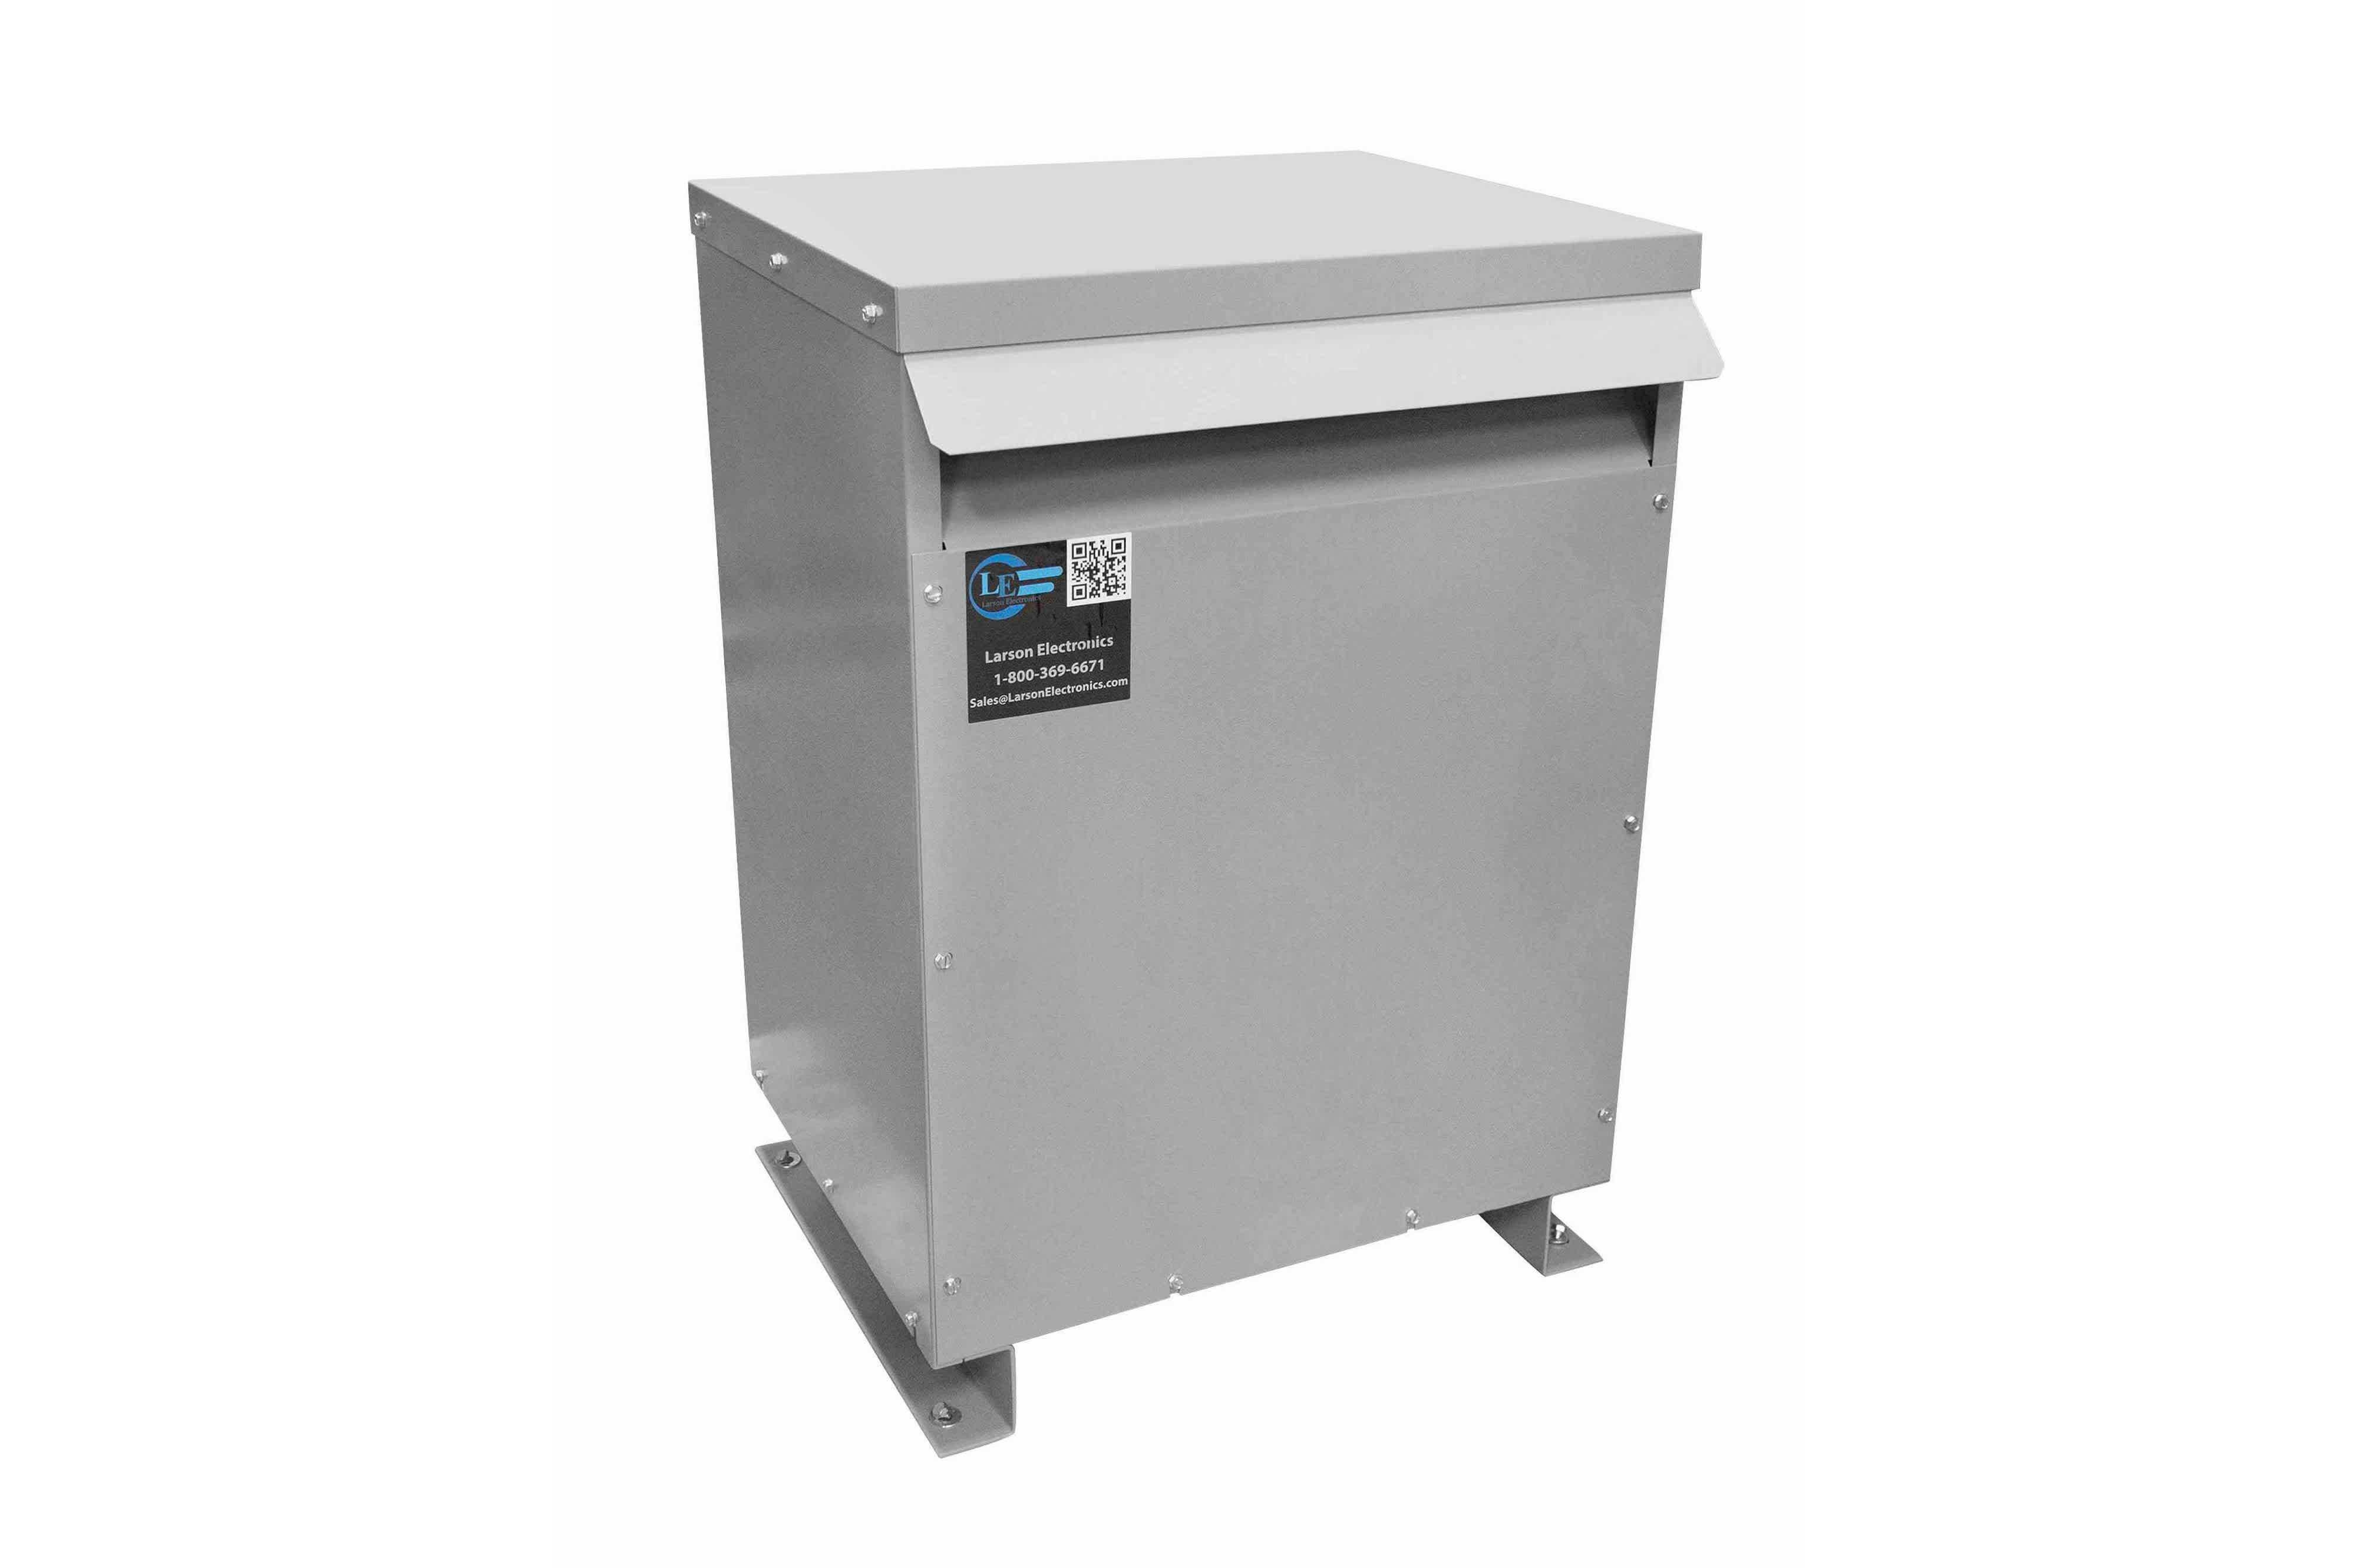 500 kVA 3PH Isolation Transformer, 575V Delta Primary, 208V Delta Secondary, N3R, Ventilated, 60 Hz